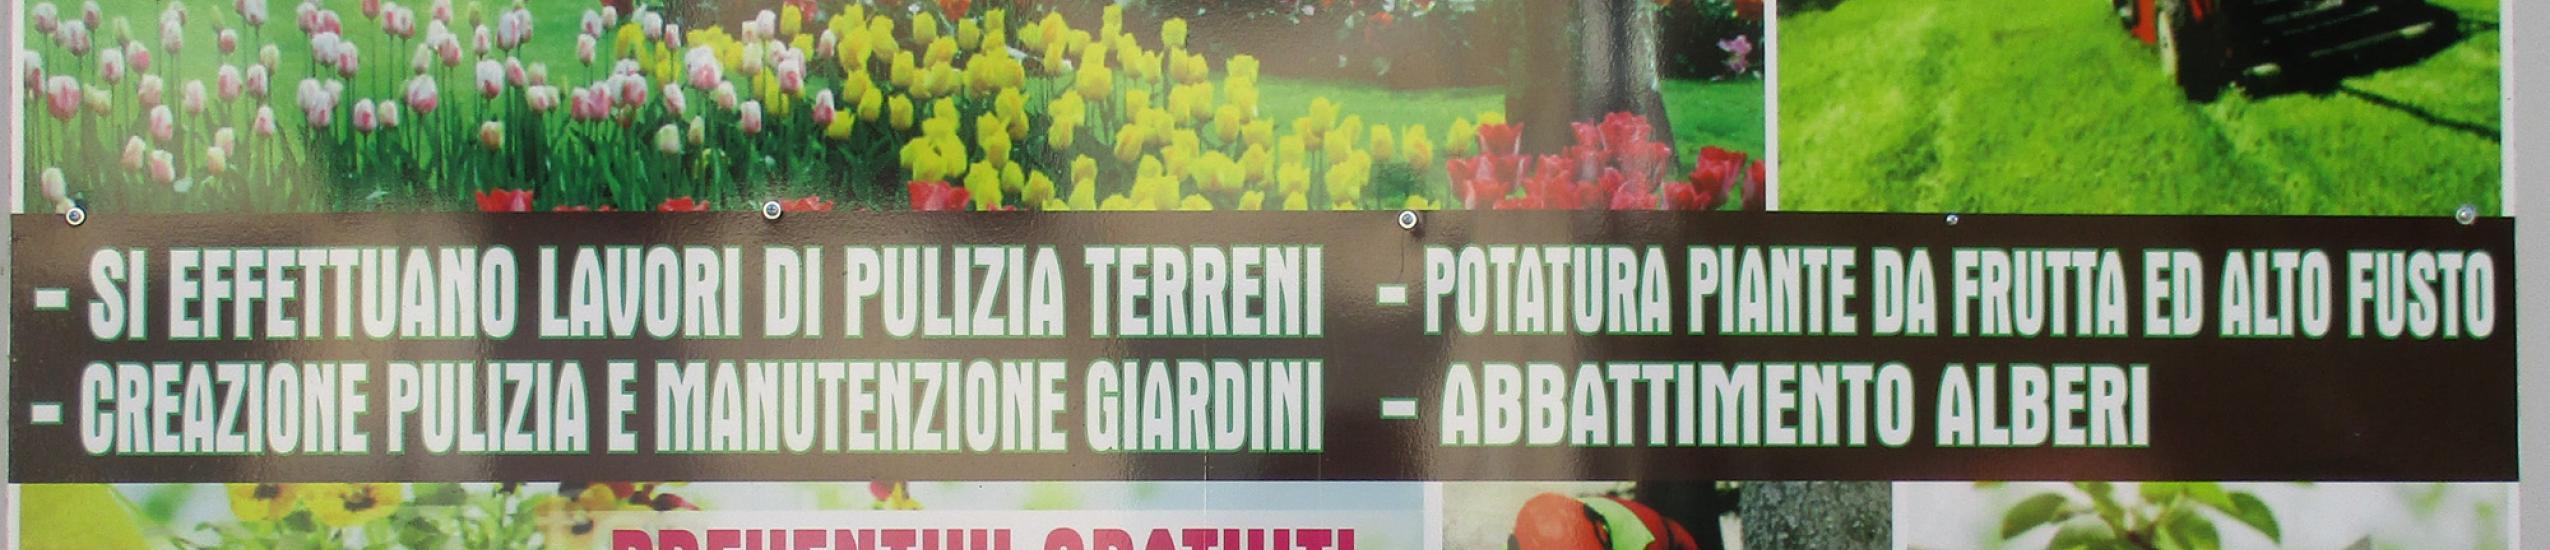 Azienda agricola De Martini